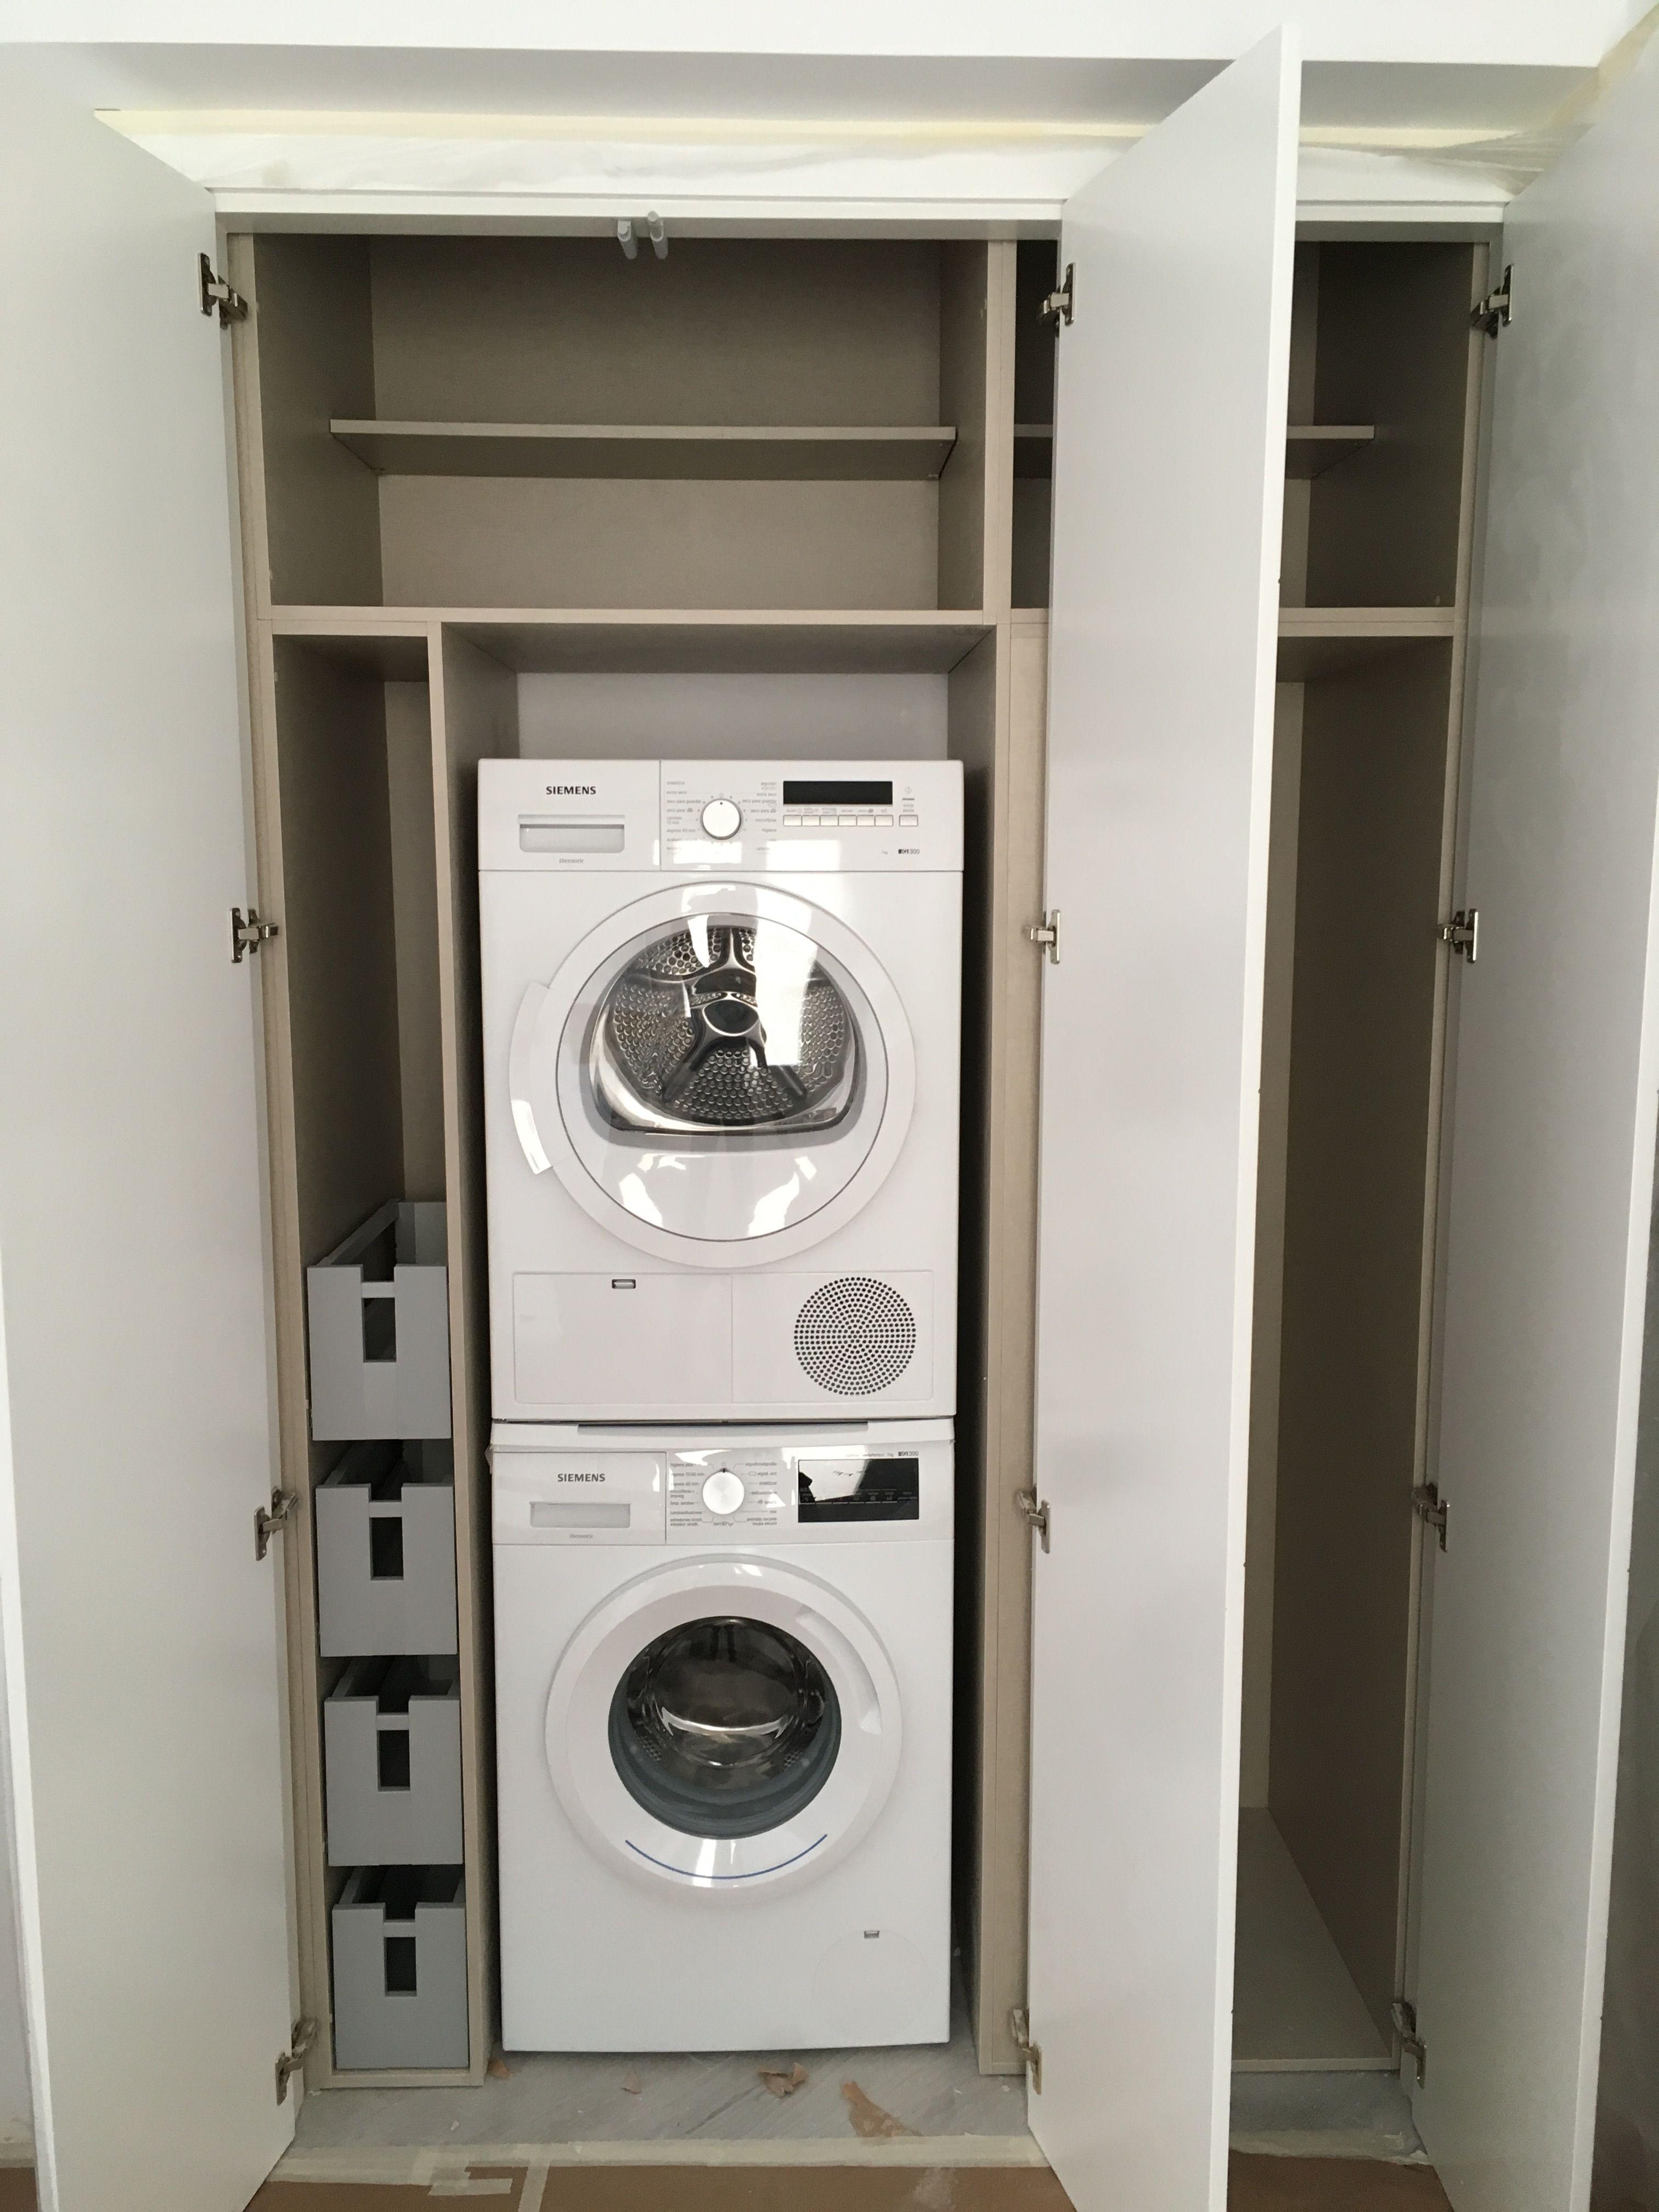 Armario para lavadora elegant im genes mueble para lavadora y secadora with armario para - Armario lavadora ...